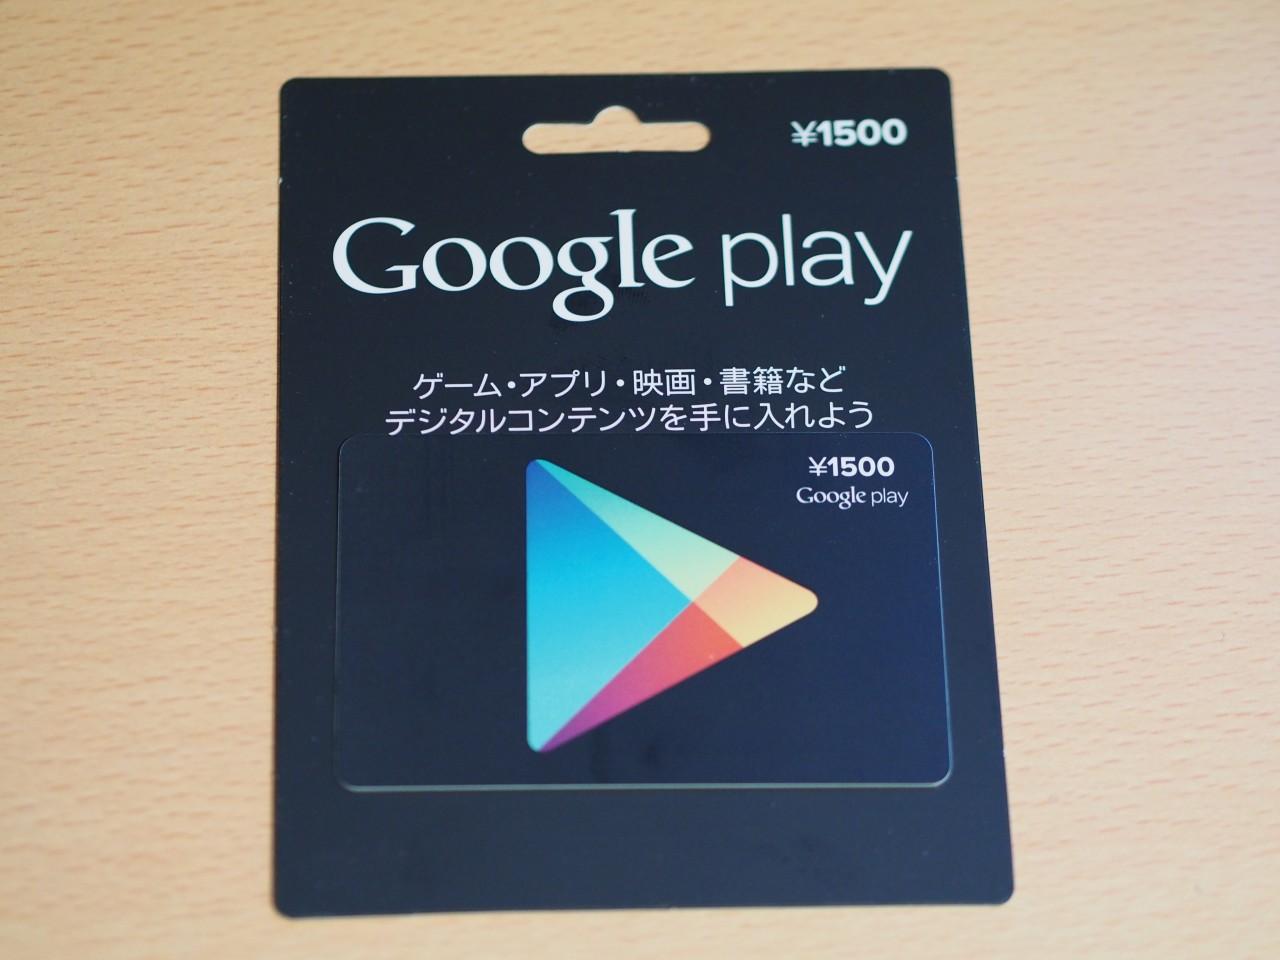 Google Playギフトカード